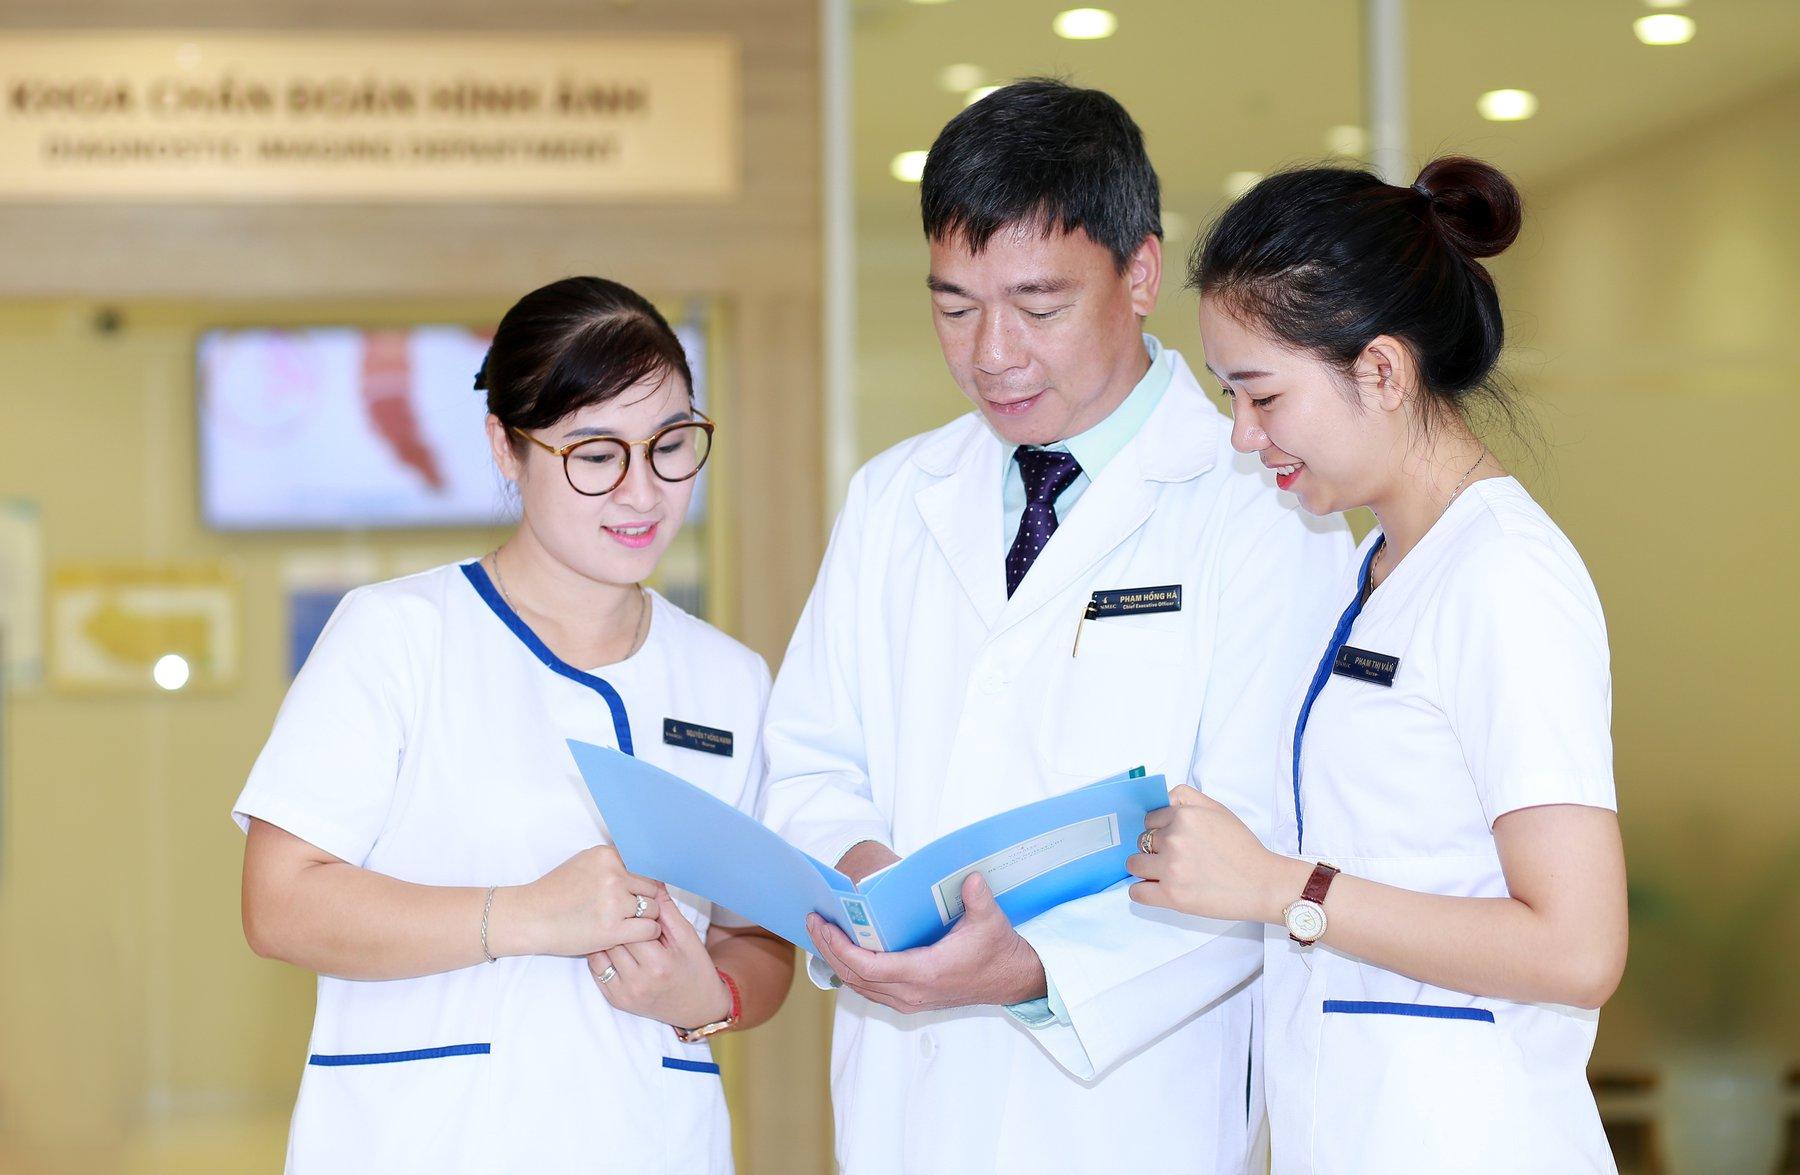 vinmec.com-vinmec-healthcare-system